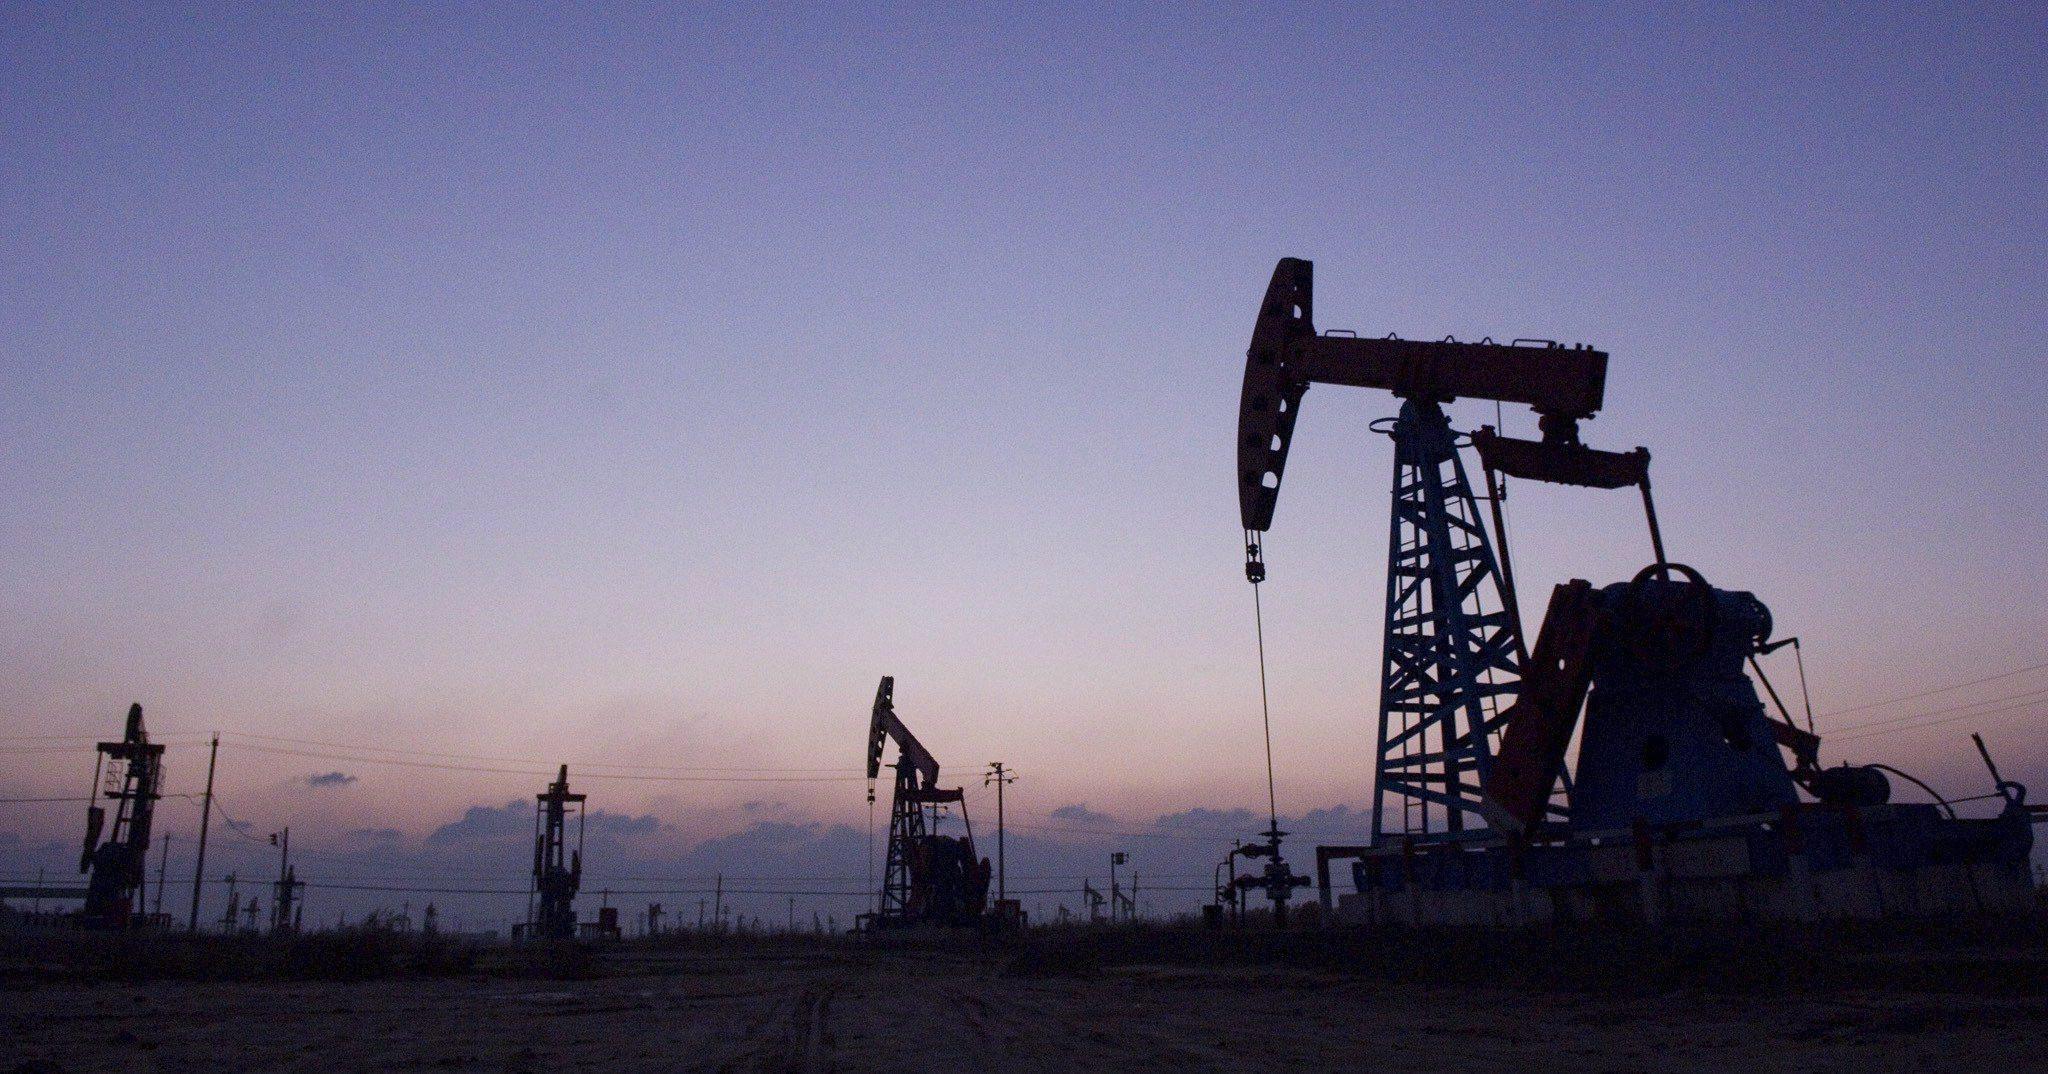 Nova concessionária angolana de combustíveis já em funções